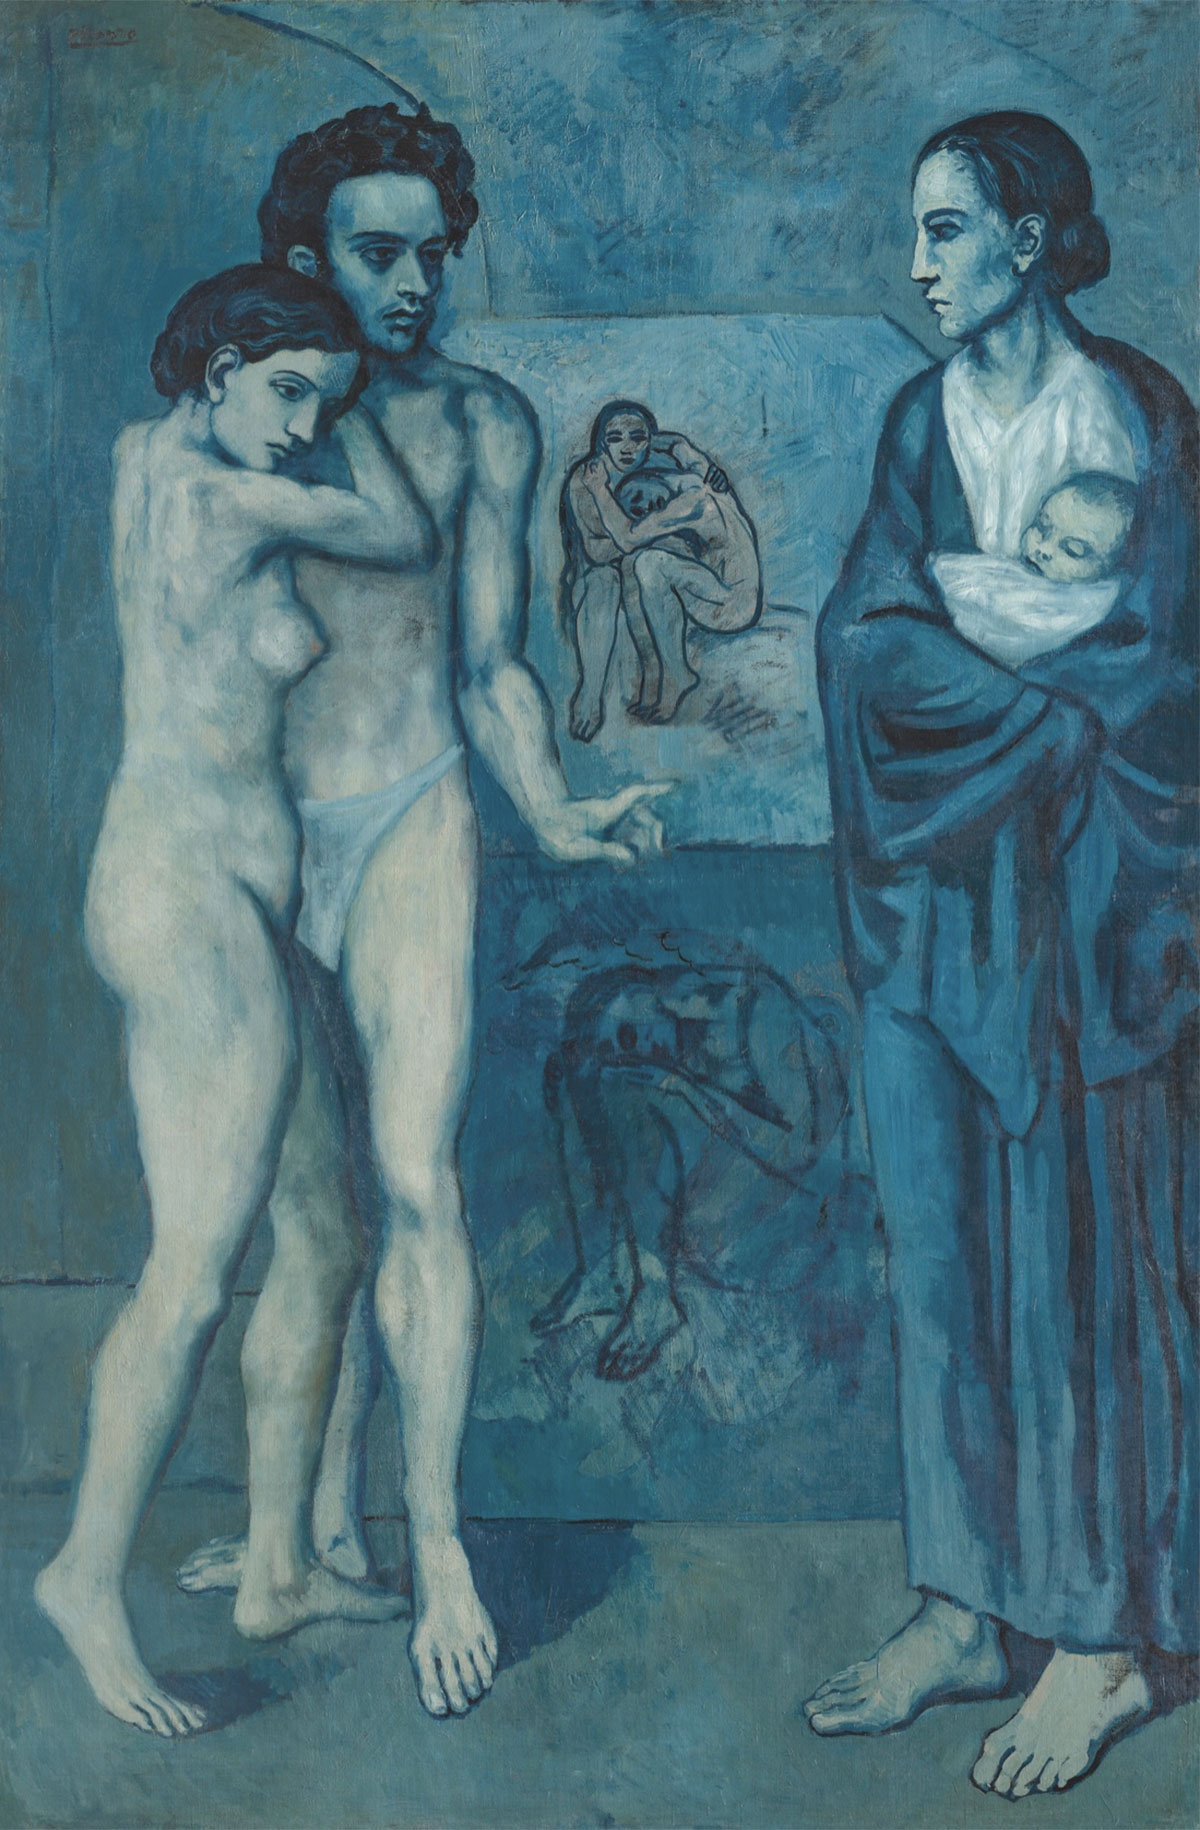 La vita (La vie) - Picasso, 1903 - Quadro del Periodo blu